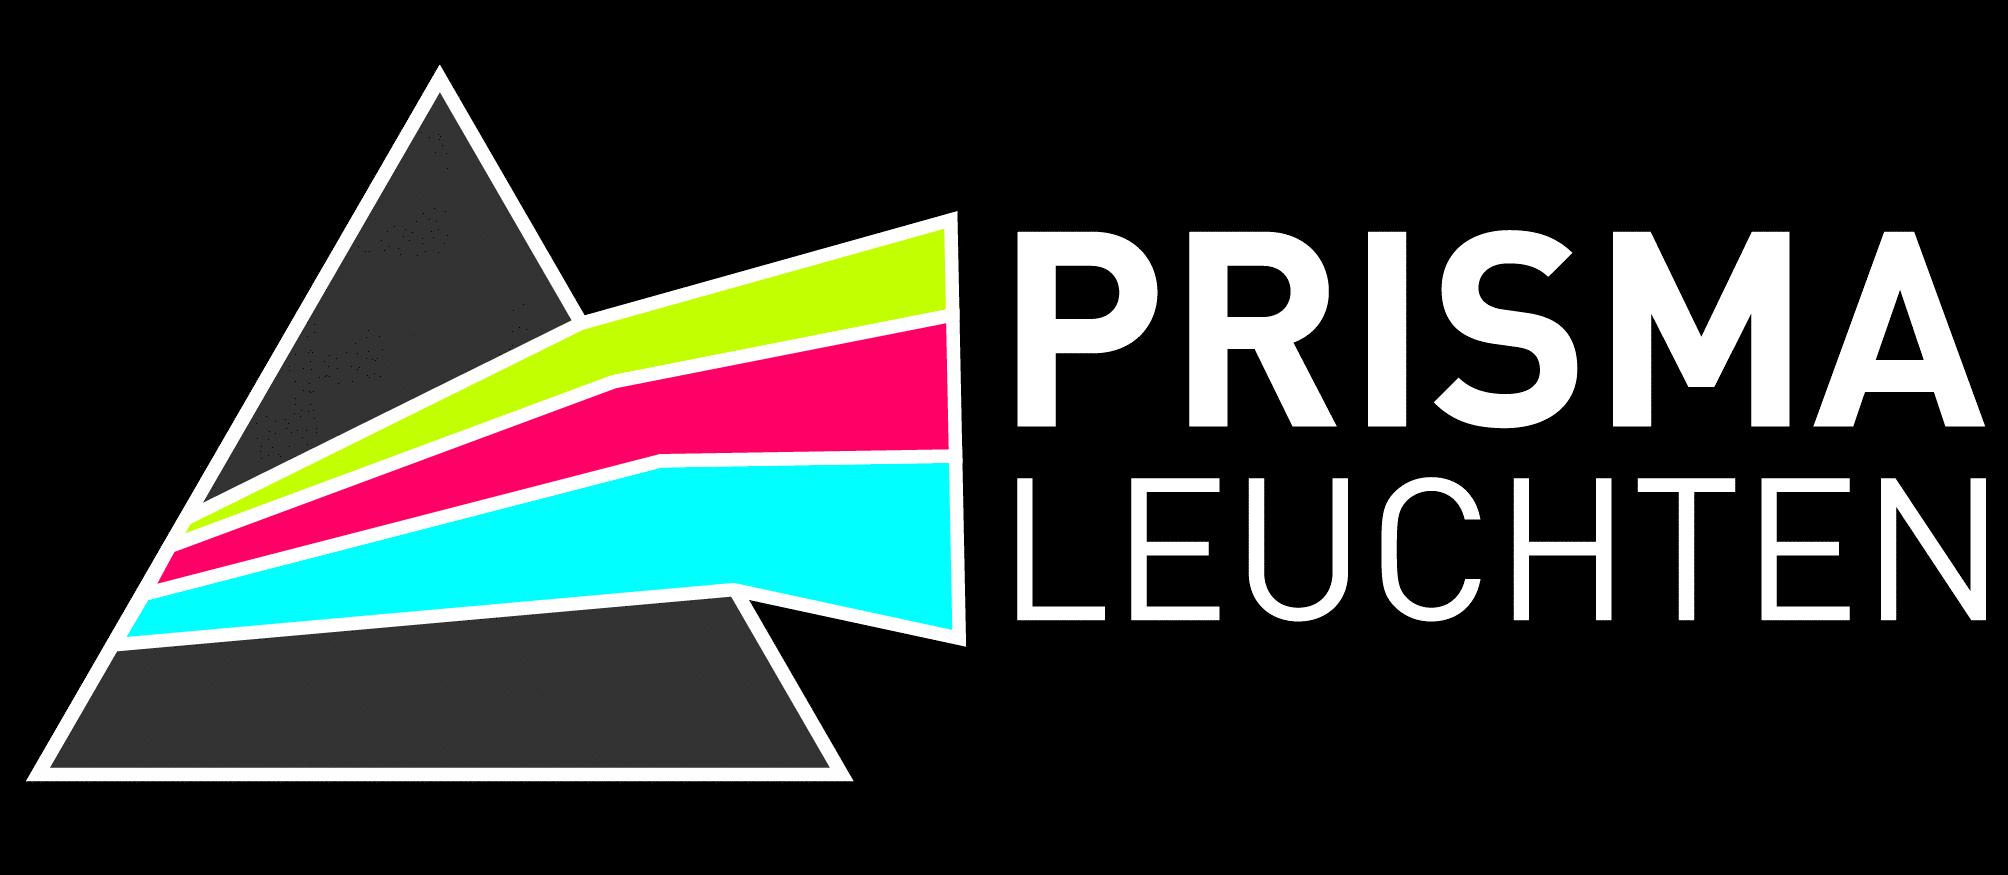 PRISMA LEUCHTEN